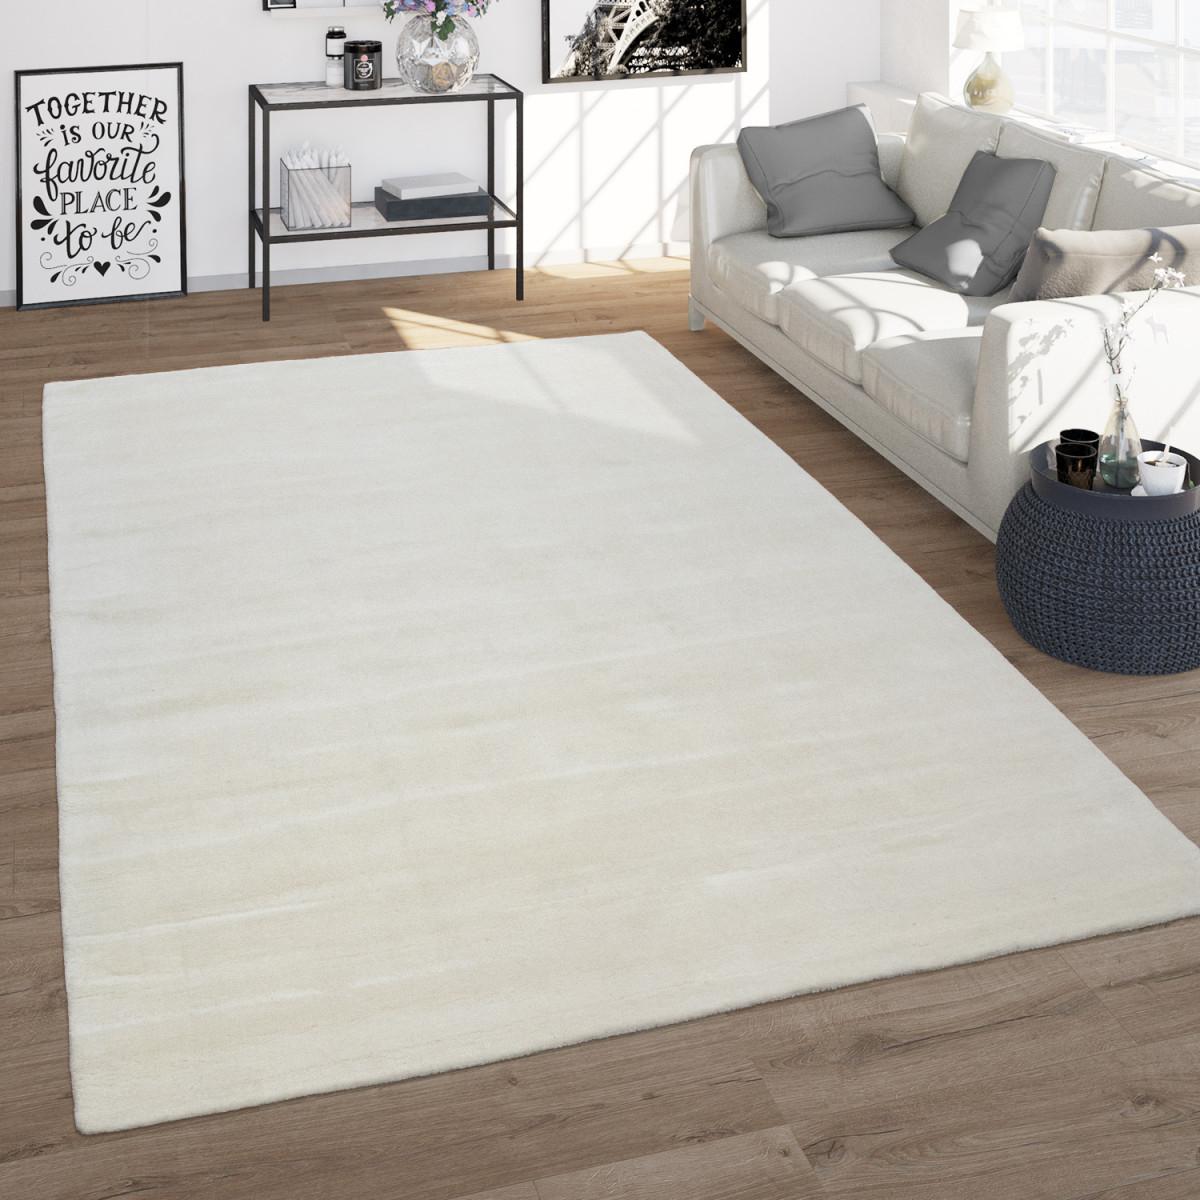 Handgewebter Teppich Wohnzimmer Einfarbig von Teppich Wohnzimmer Weiß Photo